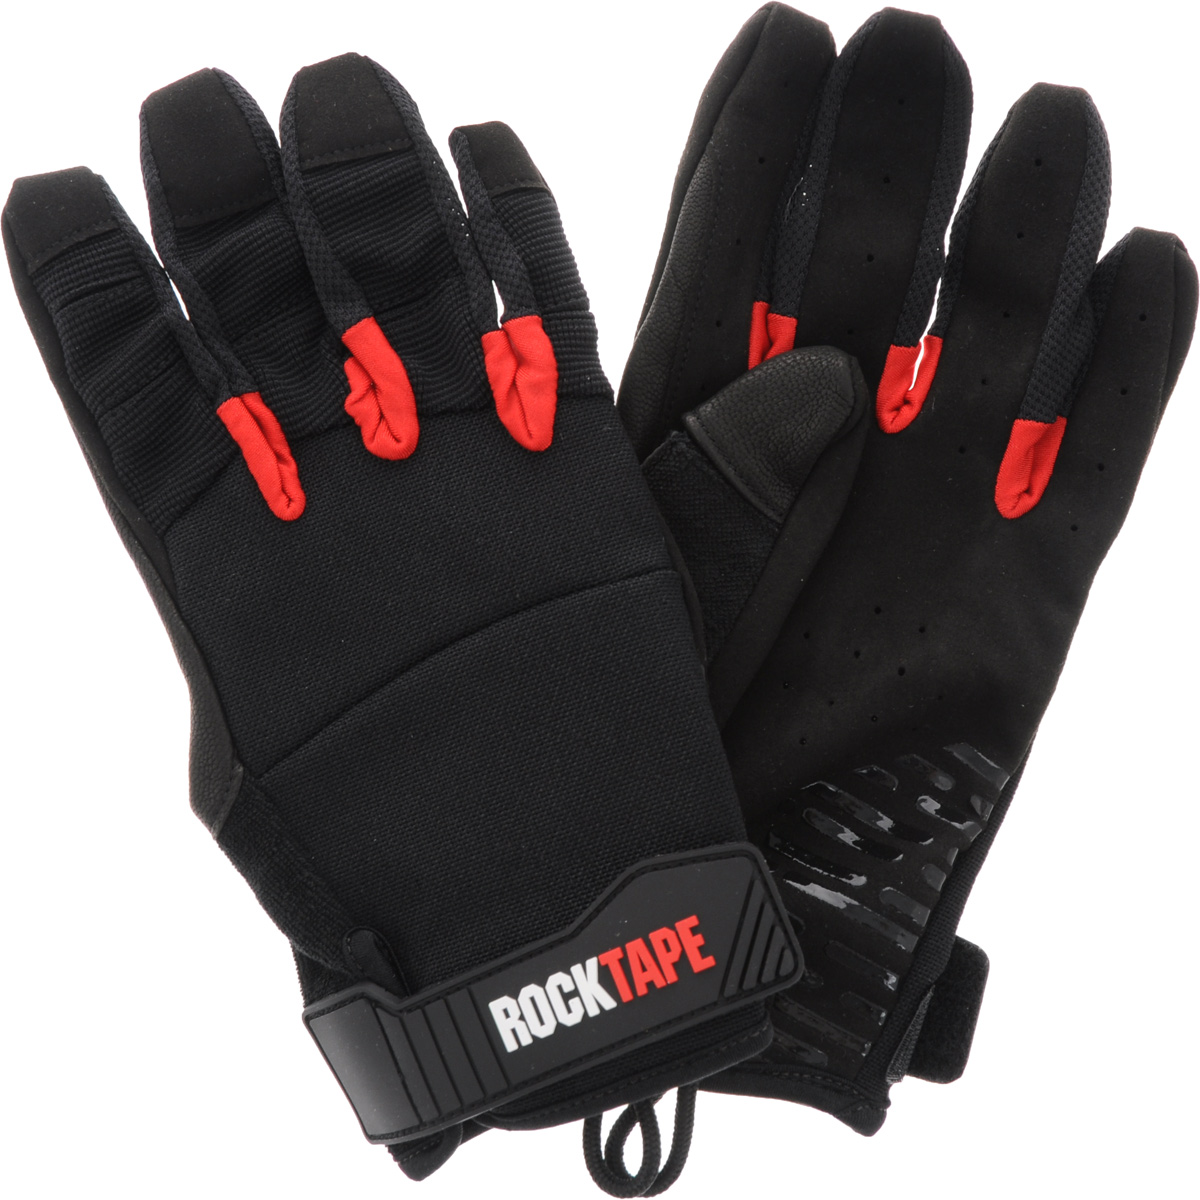 Перчатки Rocktape Talons, цвет: черный, красный. Размер MWRA523700Rocktape Talons - это функциональные перчатки для спорта. Руль велосипеда, турник, штанга - за что бы вы ни взялись, перчатки обеспечат максимальную защиту и поддержку! Уверенный хват и больше никаких стертых рук, волдырей и мозолей!Особенности перчаток:Дружелюбны к сенсорным экранам.Без швов на ладонях.Силиконовая накладка false-grip поможет в выходах силой.Защита большого пальца при захвате штанги.Впитывают пот.Дышащий материал по боковым поверхностям пальцев.Удобные петли.Рассчитаны на работу с мелом.Обхват ладони ниже костяшки: 20 см.